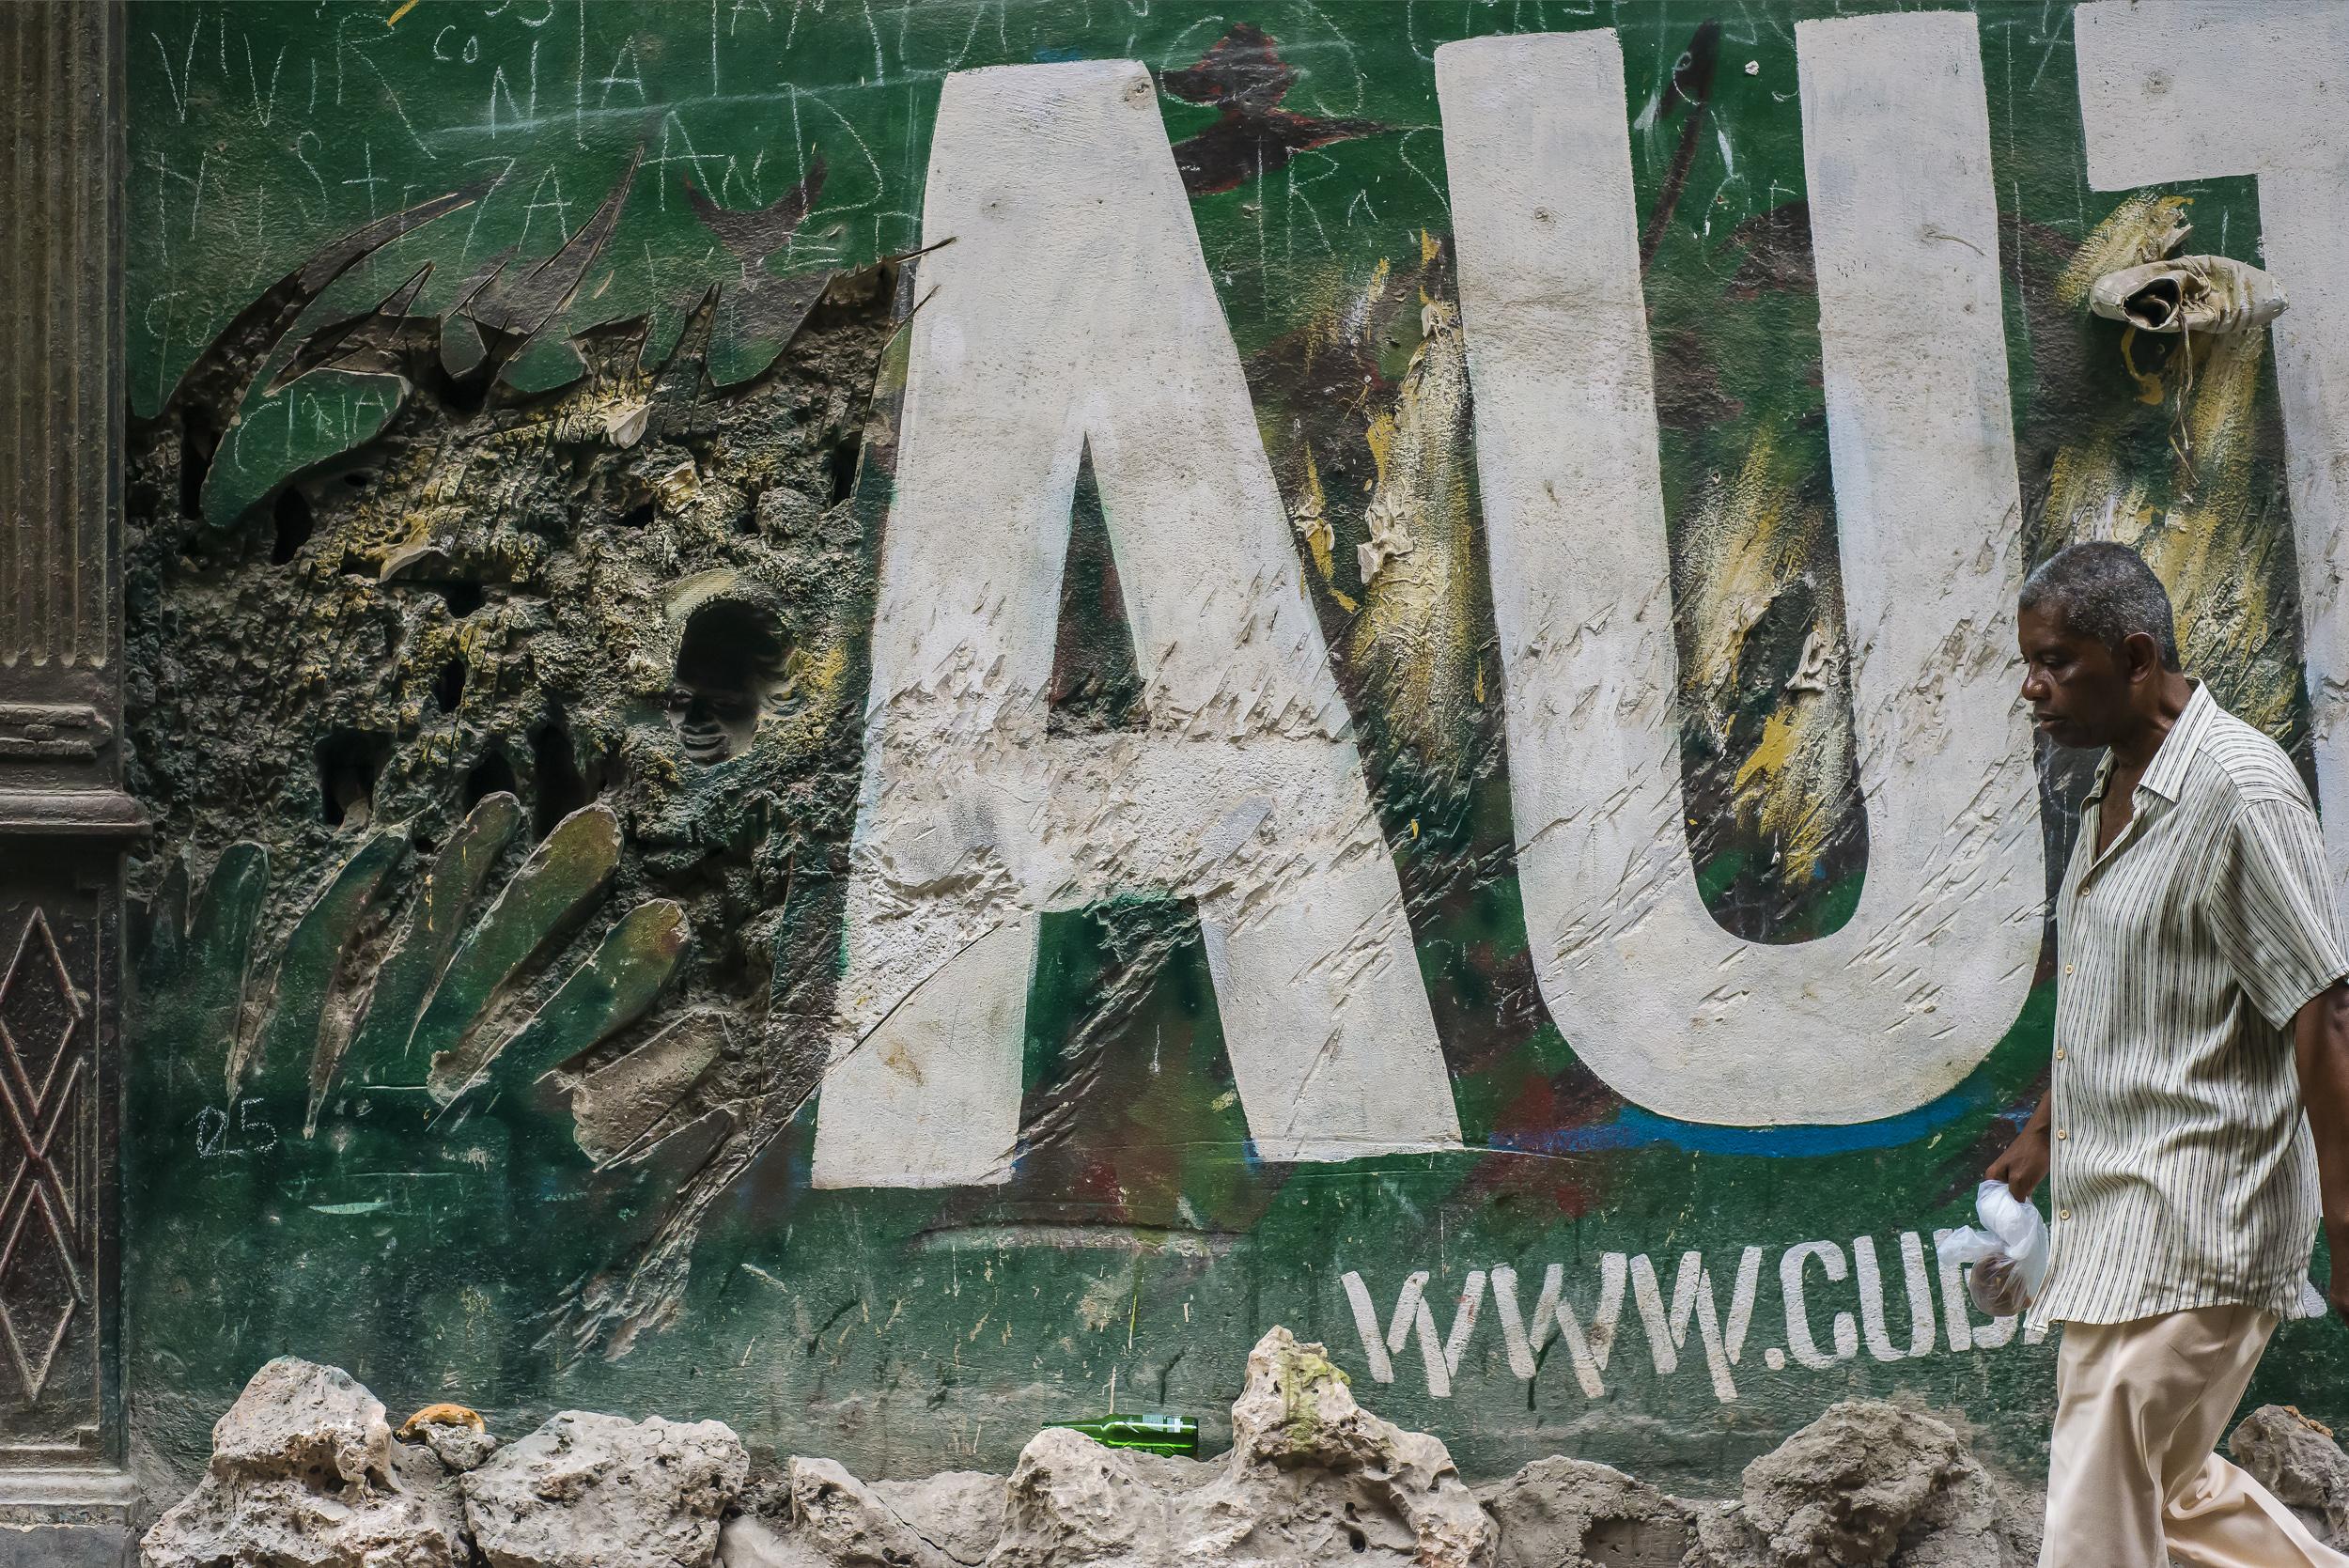 Cuba-7849.jpg